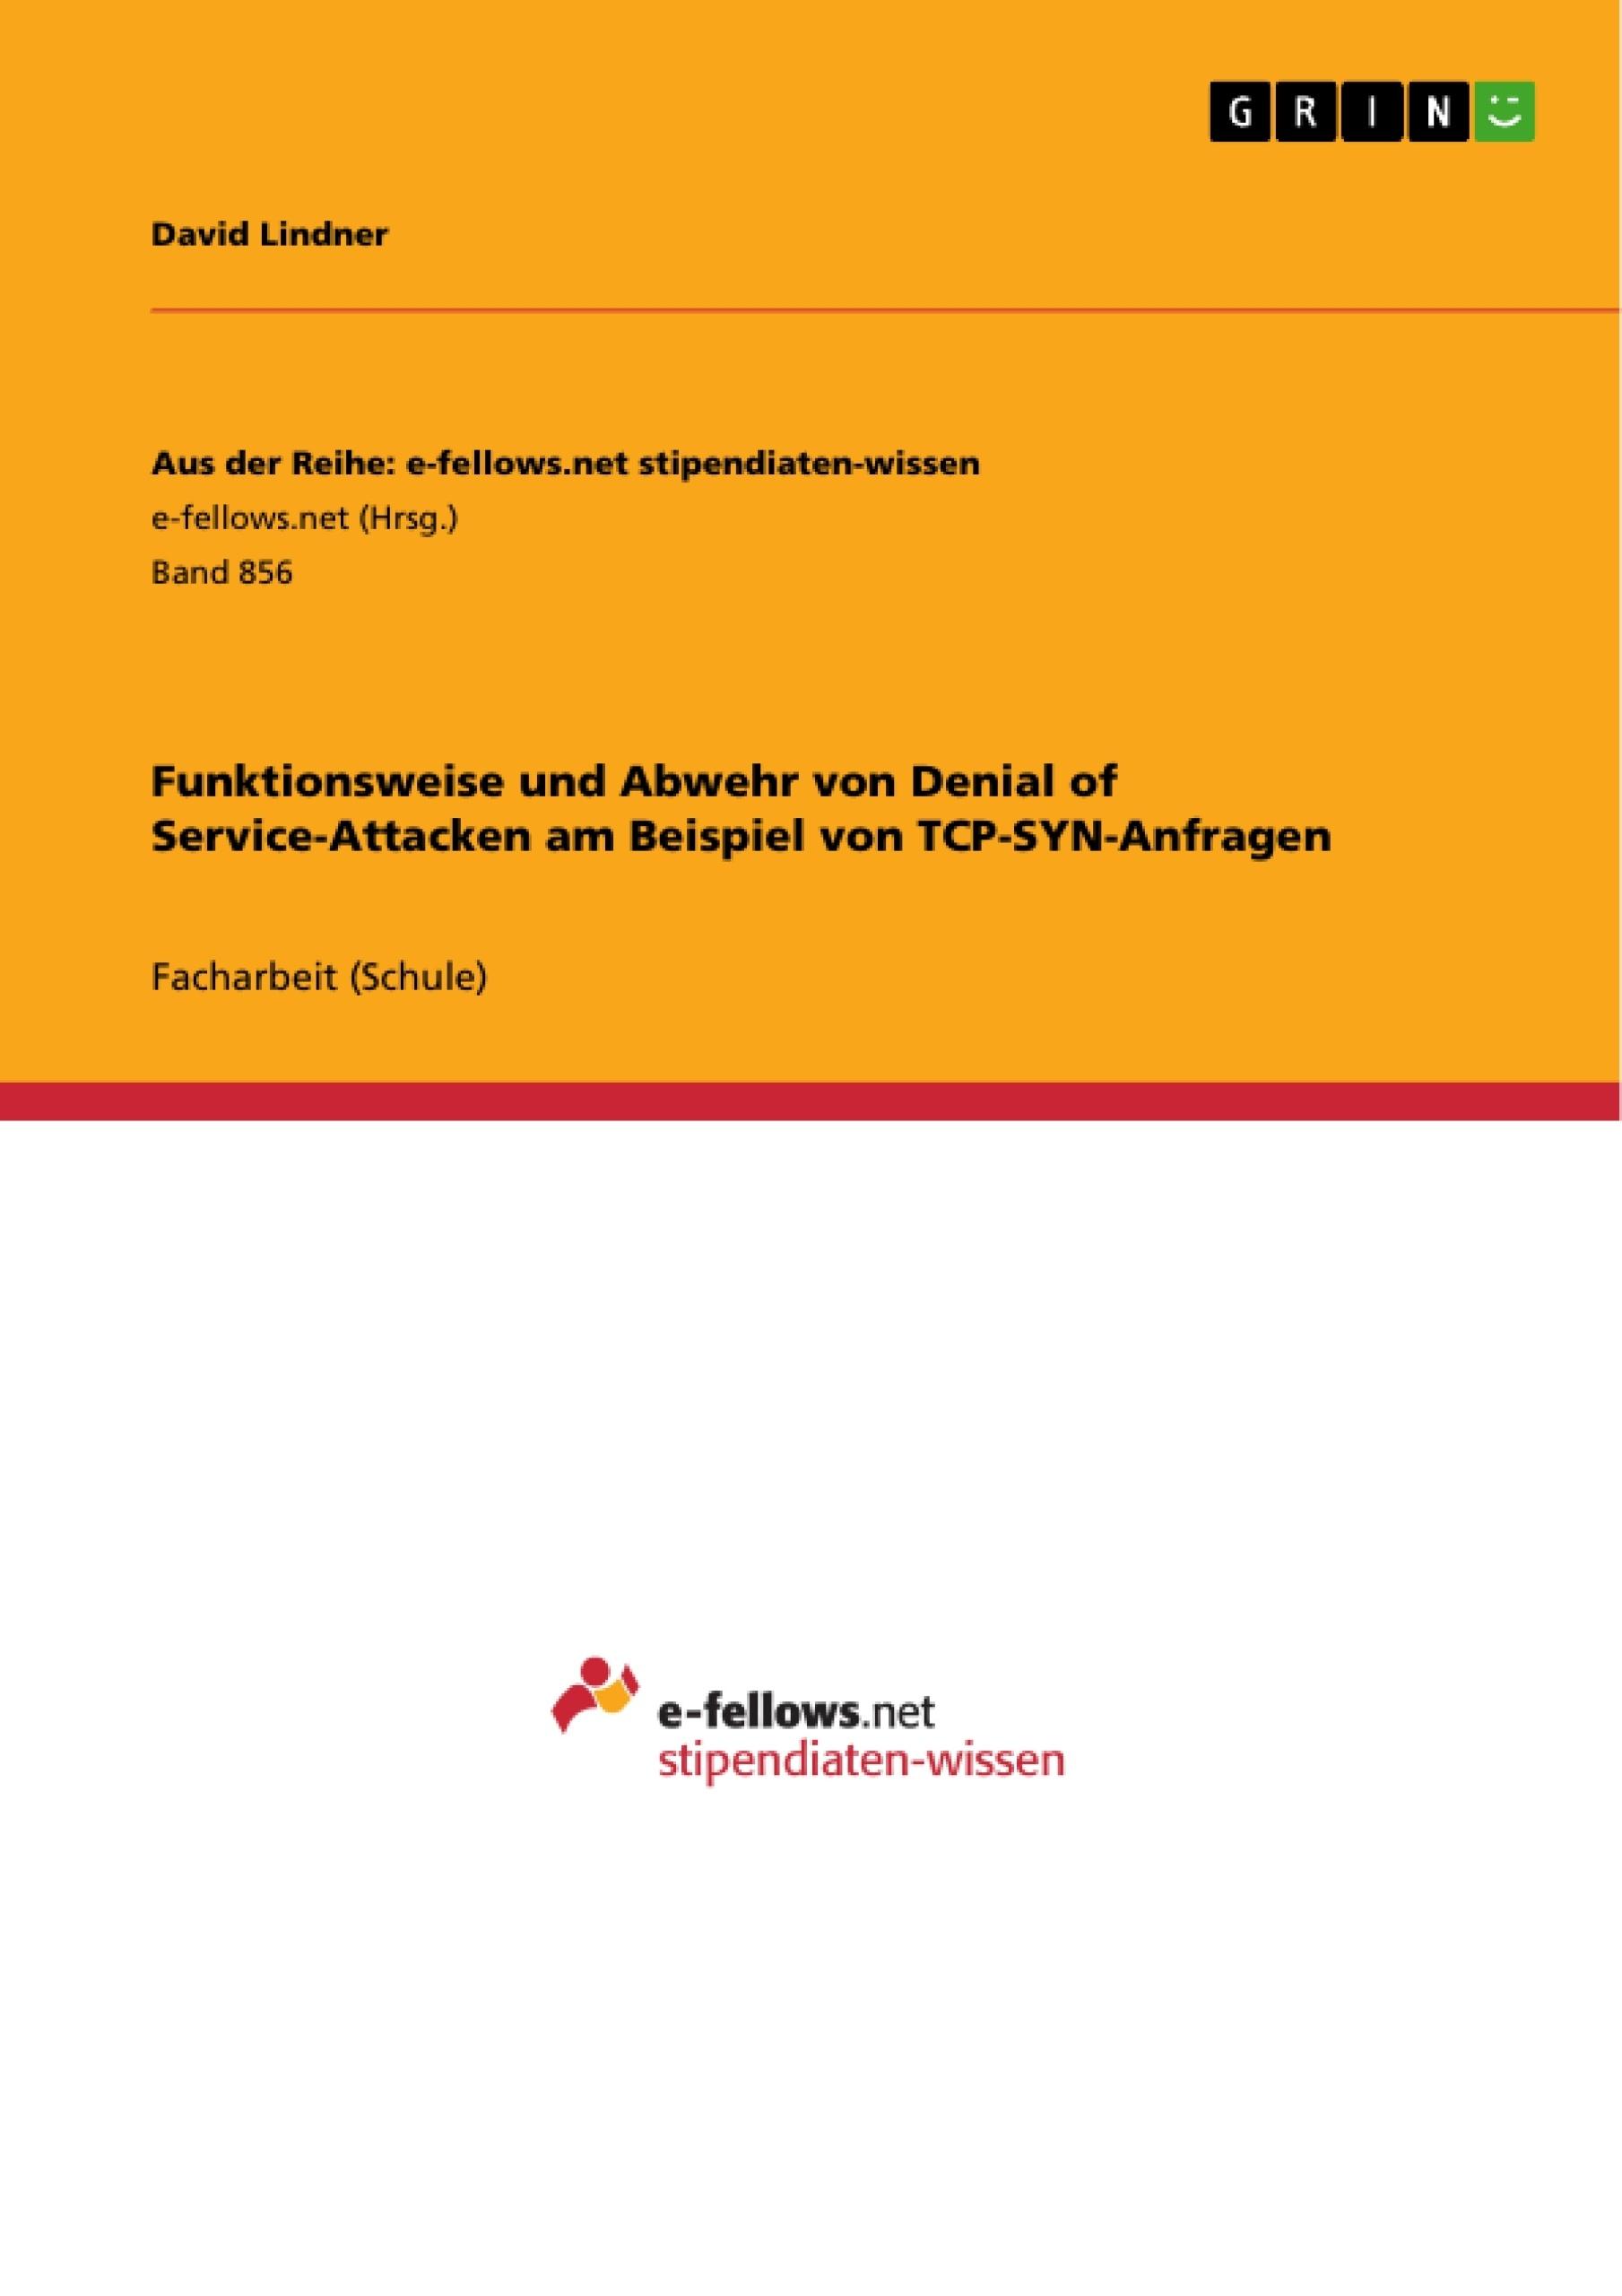 Titel: Funktionsweise und Abwehr von Denial of Service-Attacken am Beispiel von TCP-SYN-Anfragen